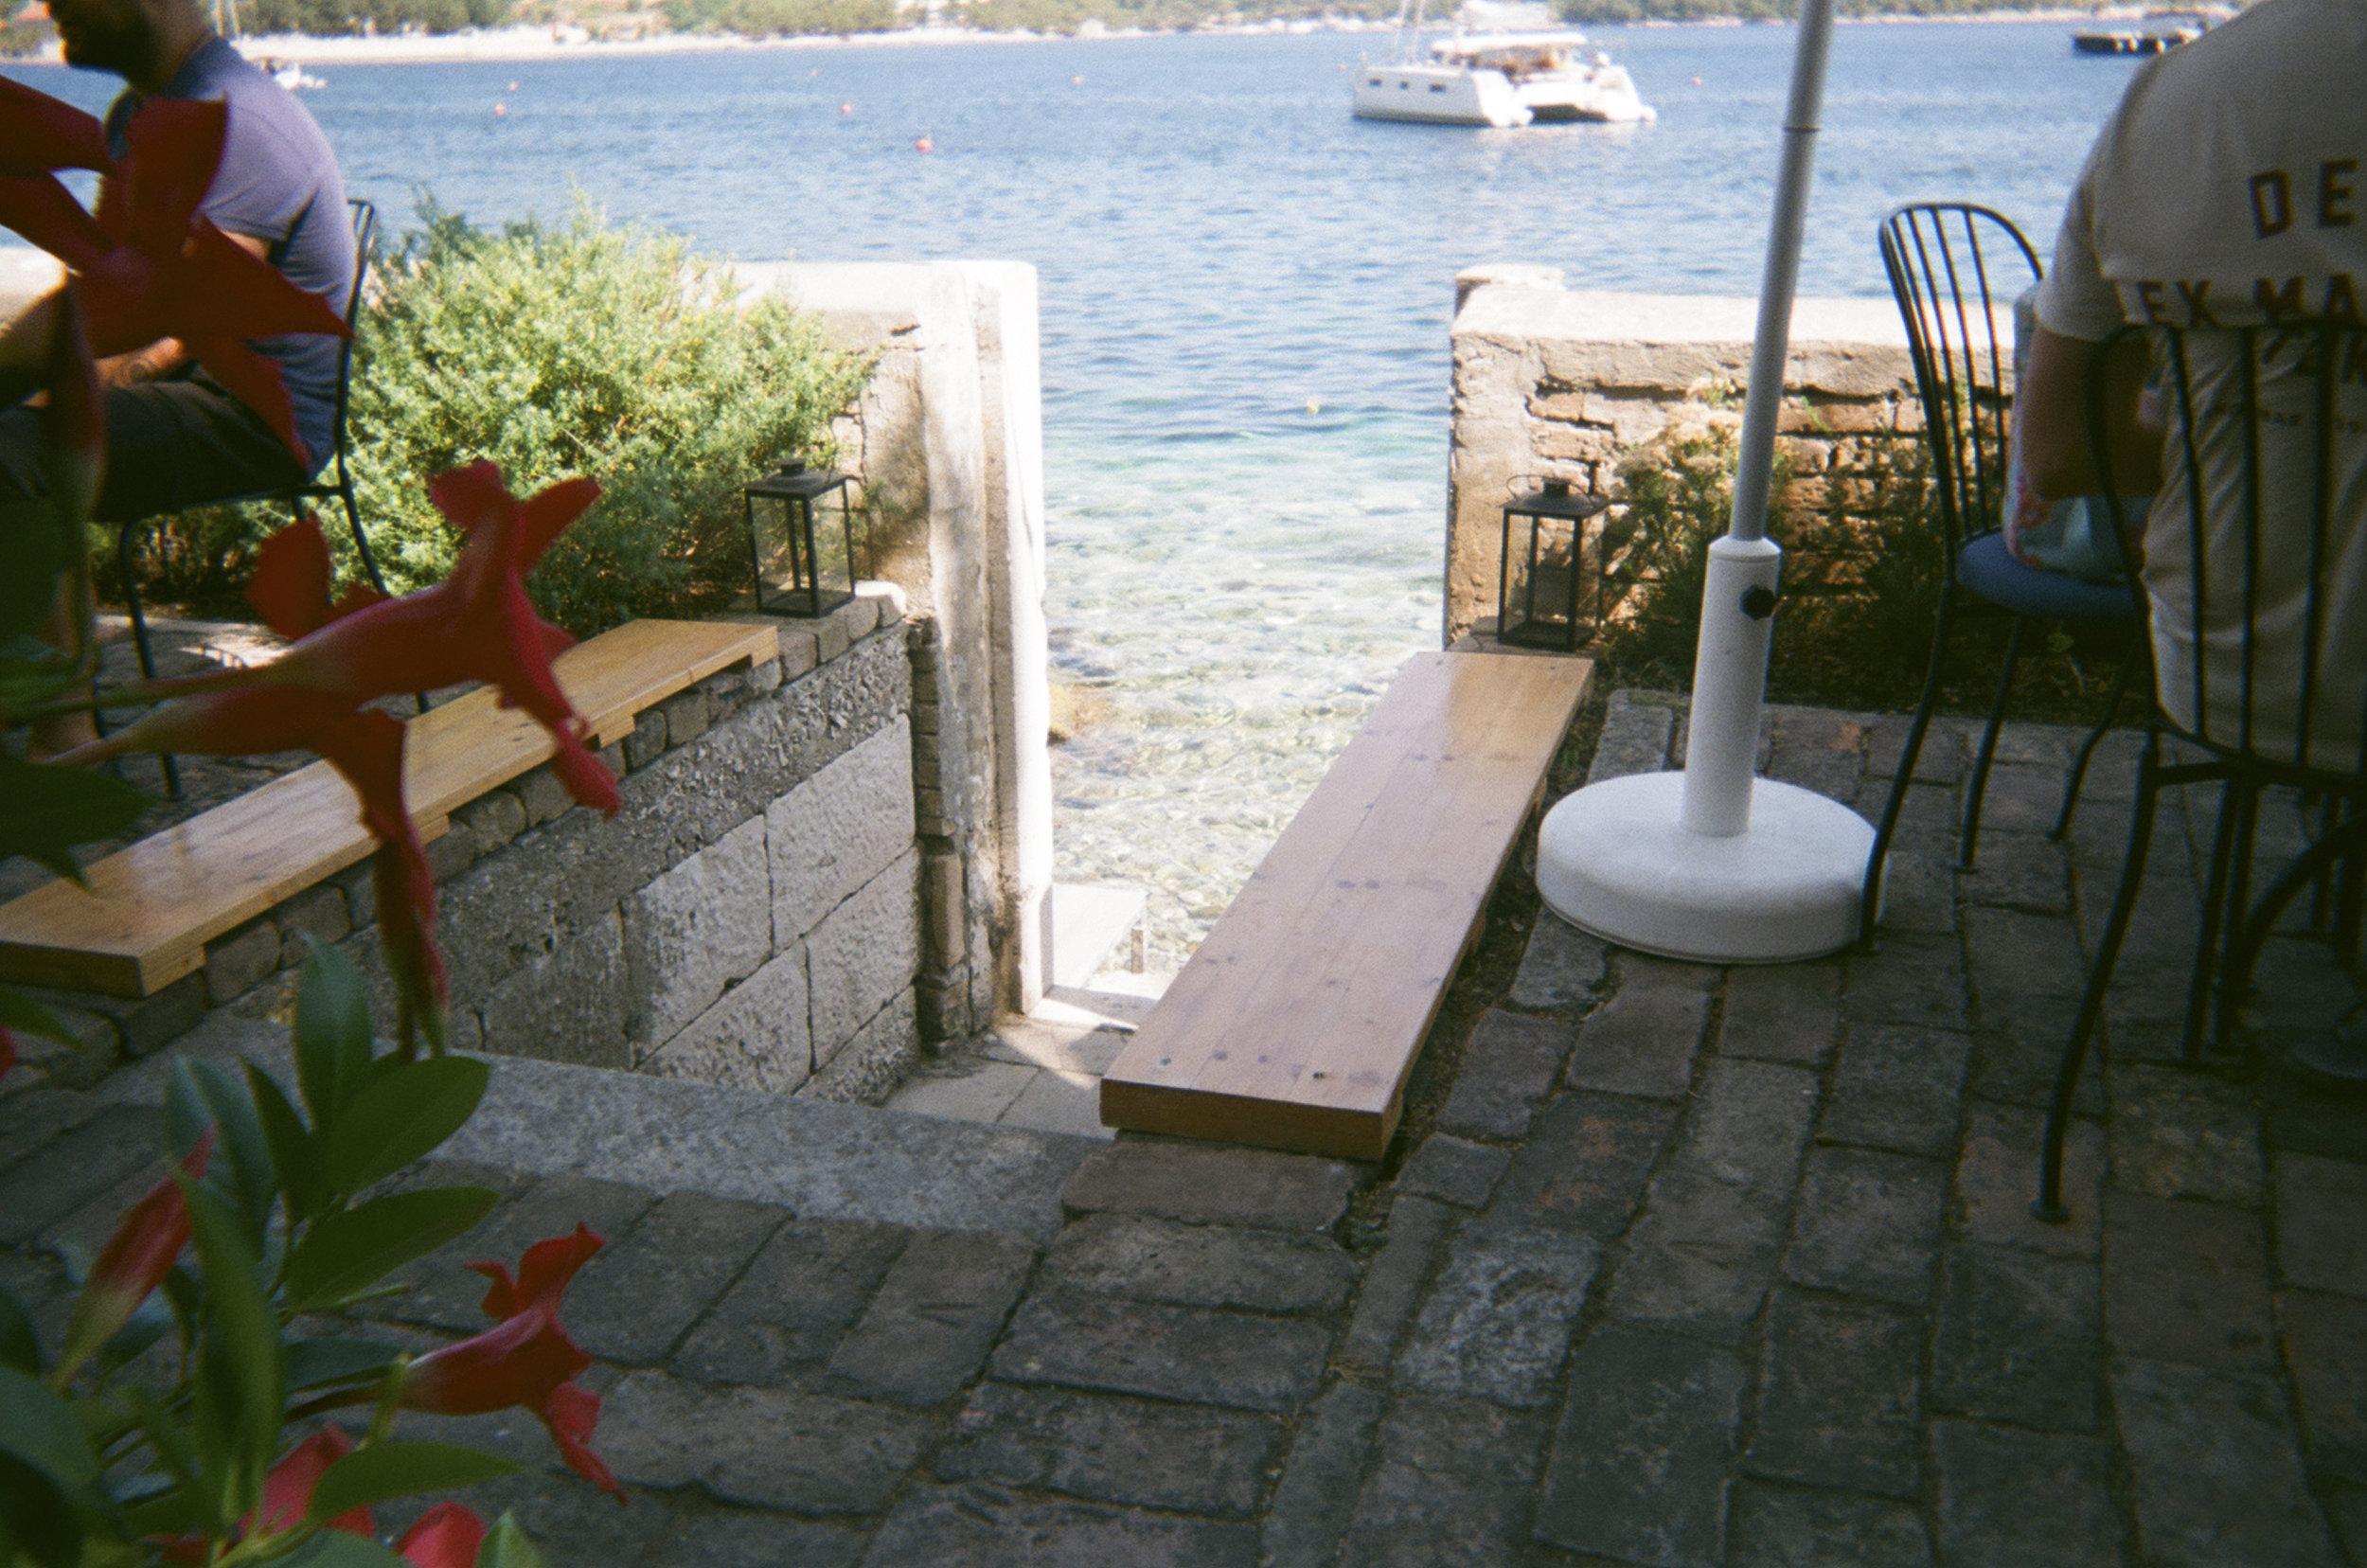 Pakleni Islands, Croatia 2019